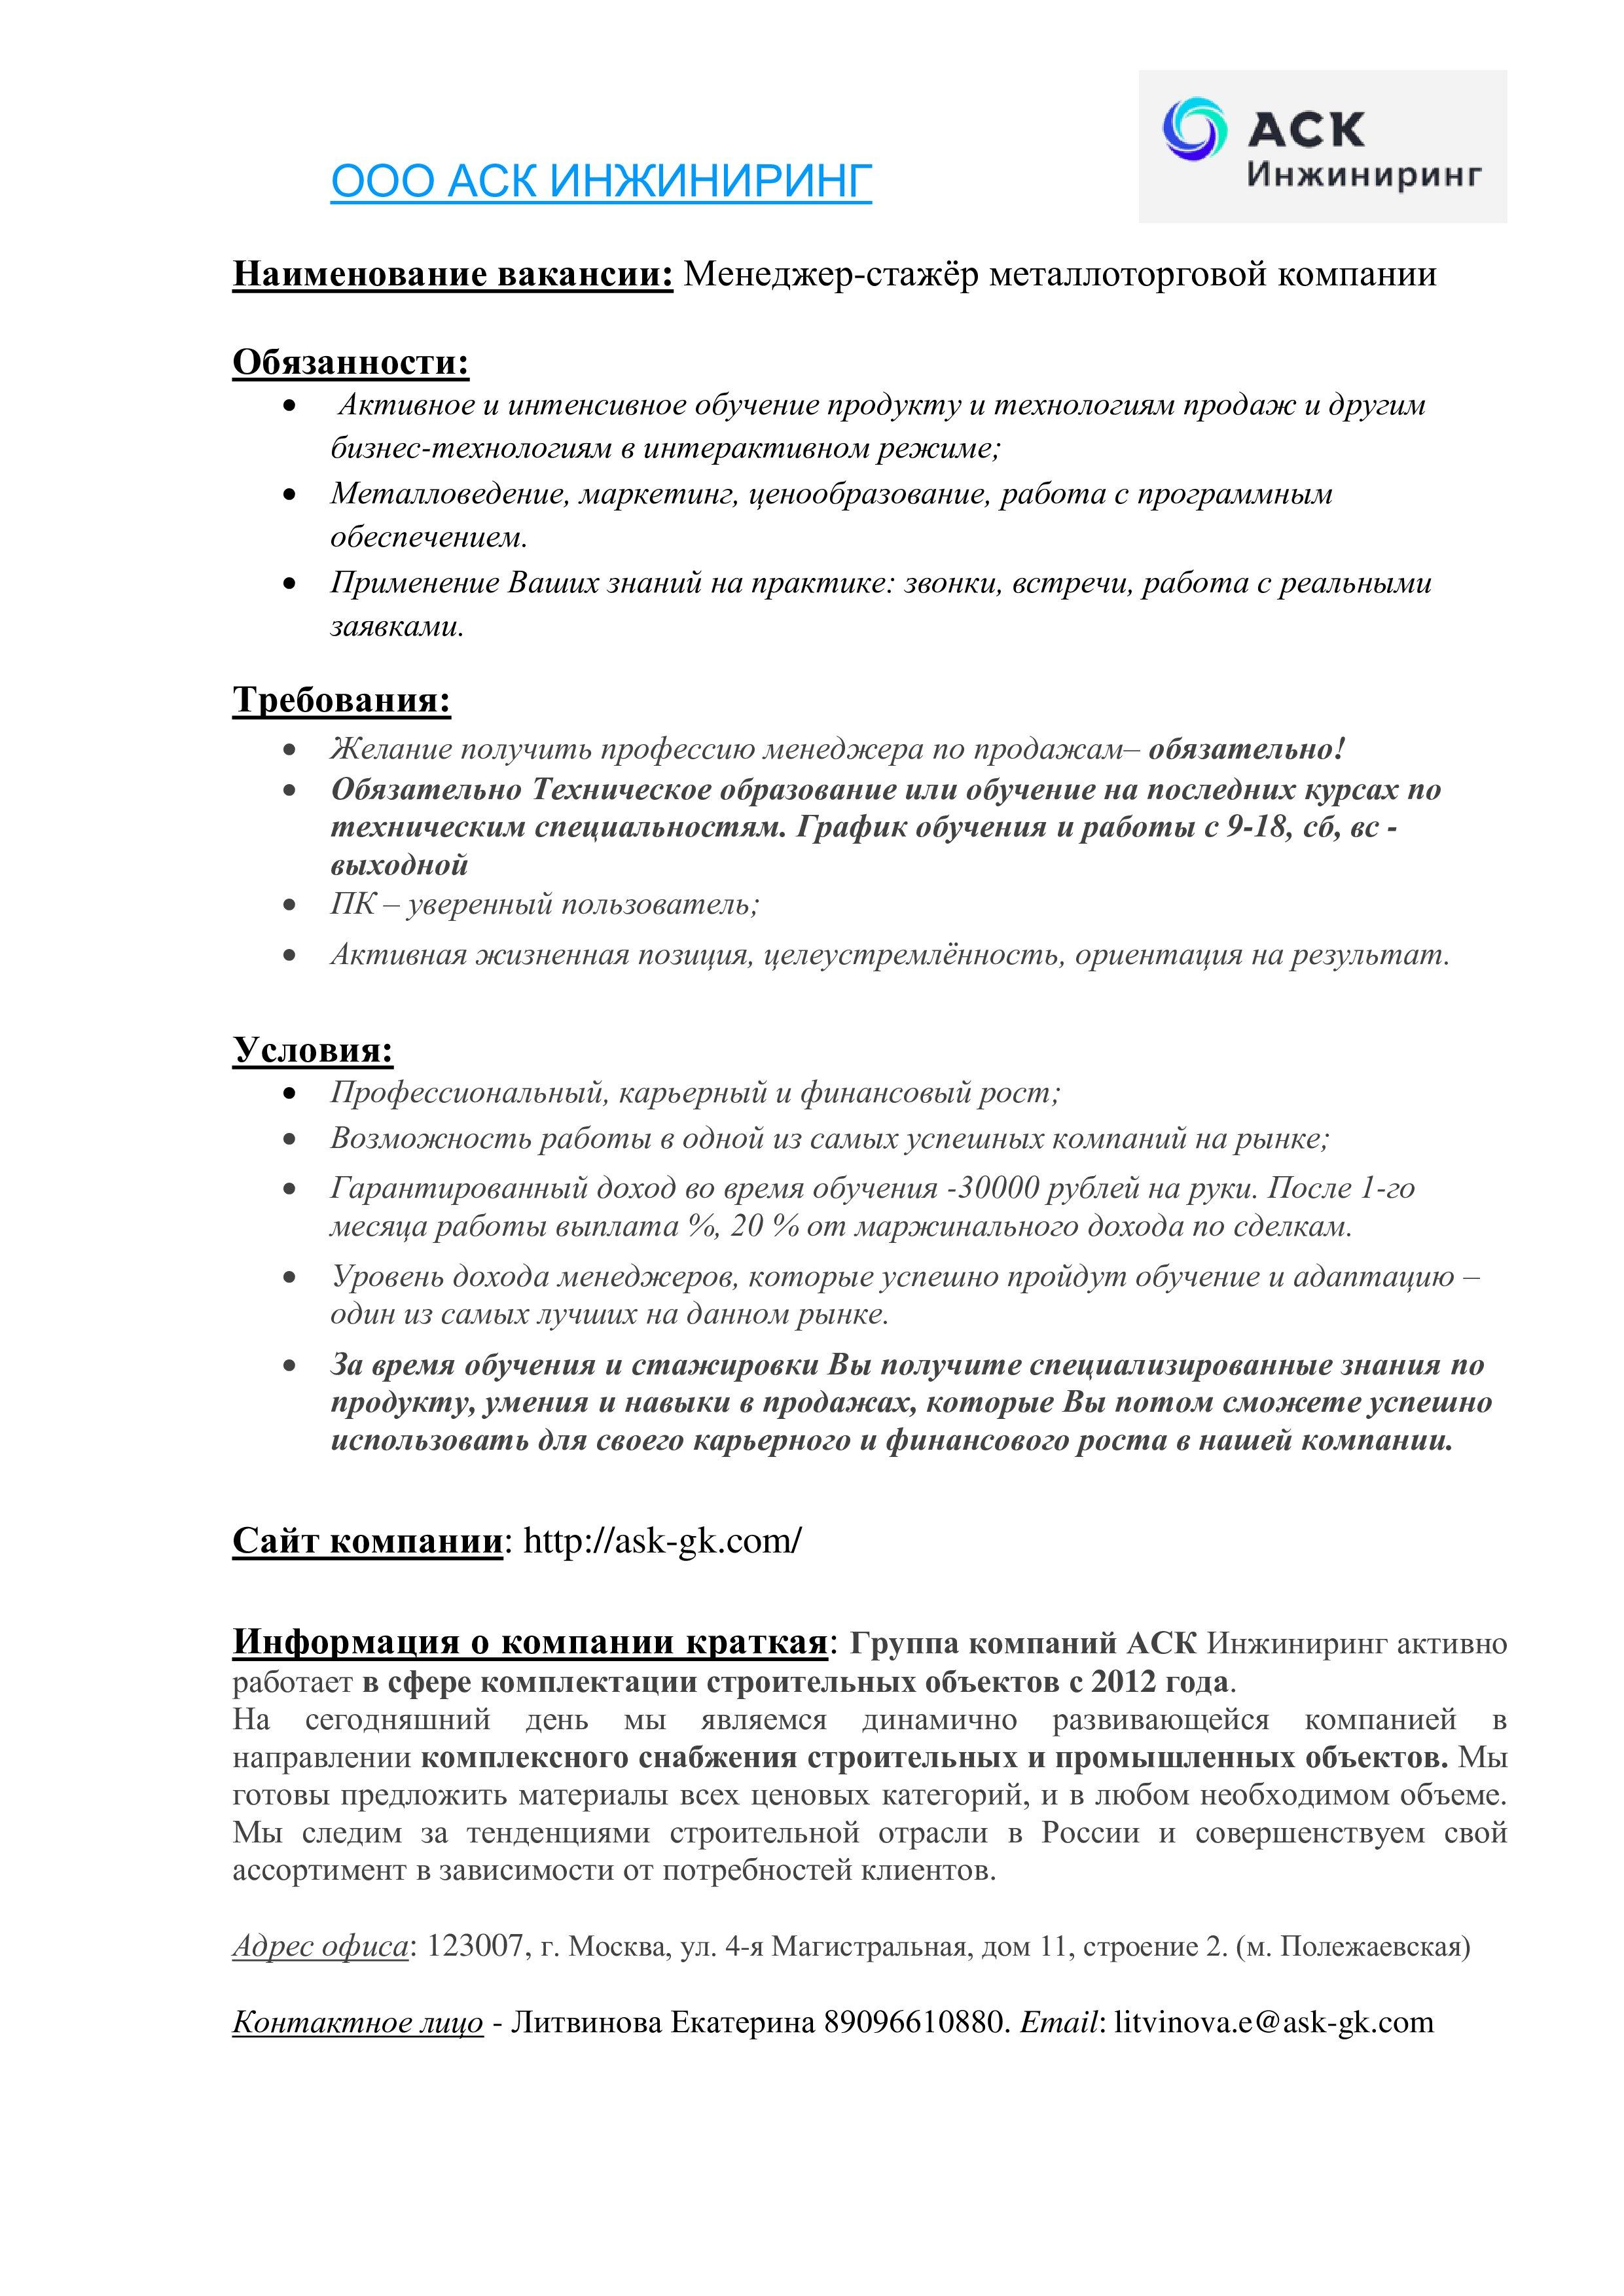 Менеджер-стажёр металлоторговой компании (1)